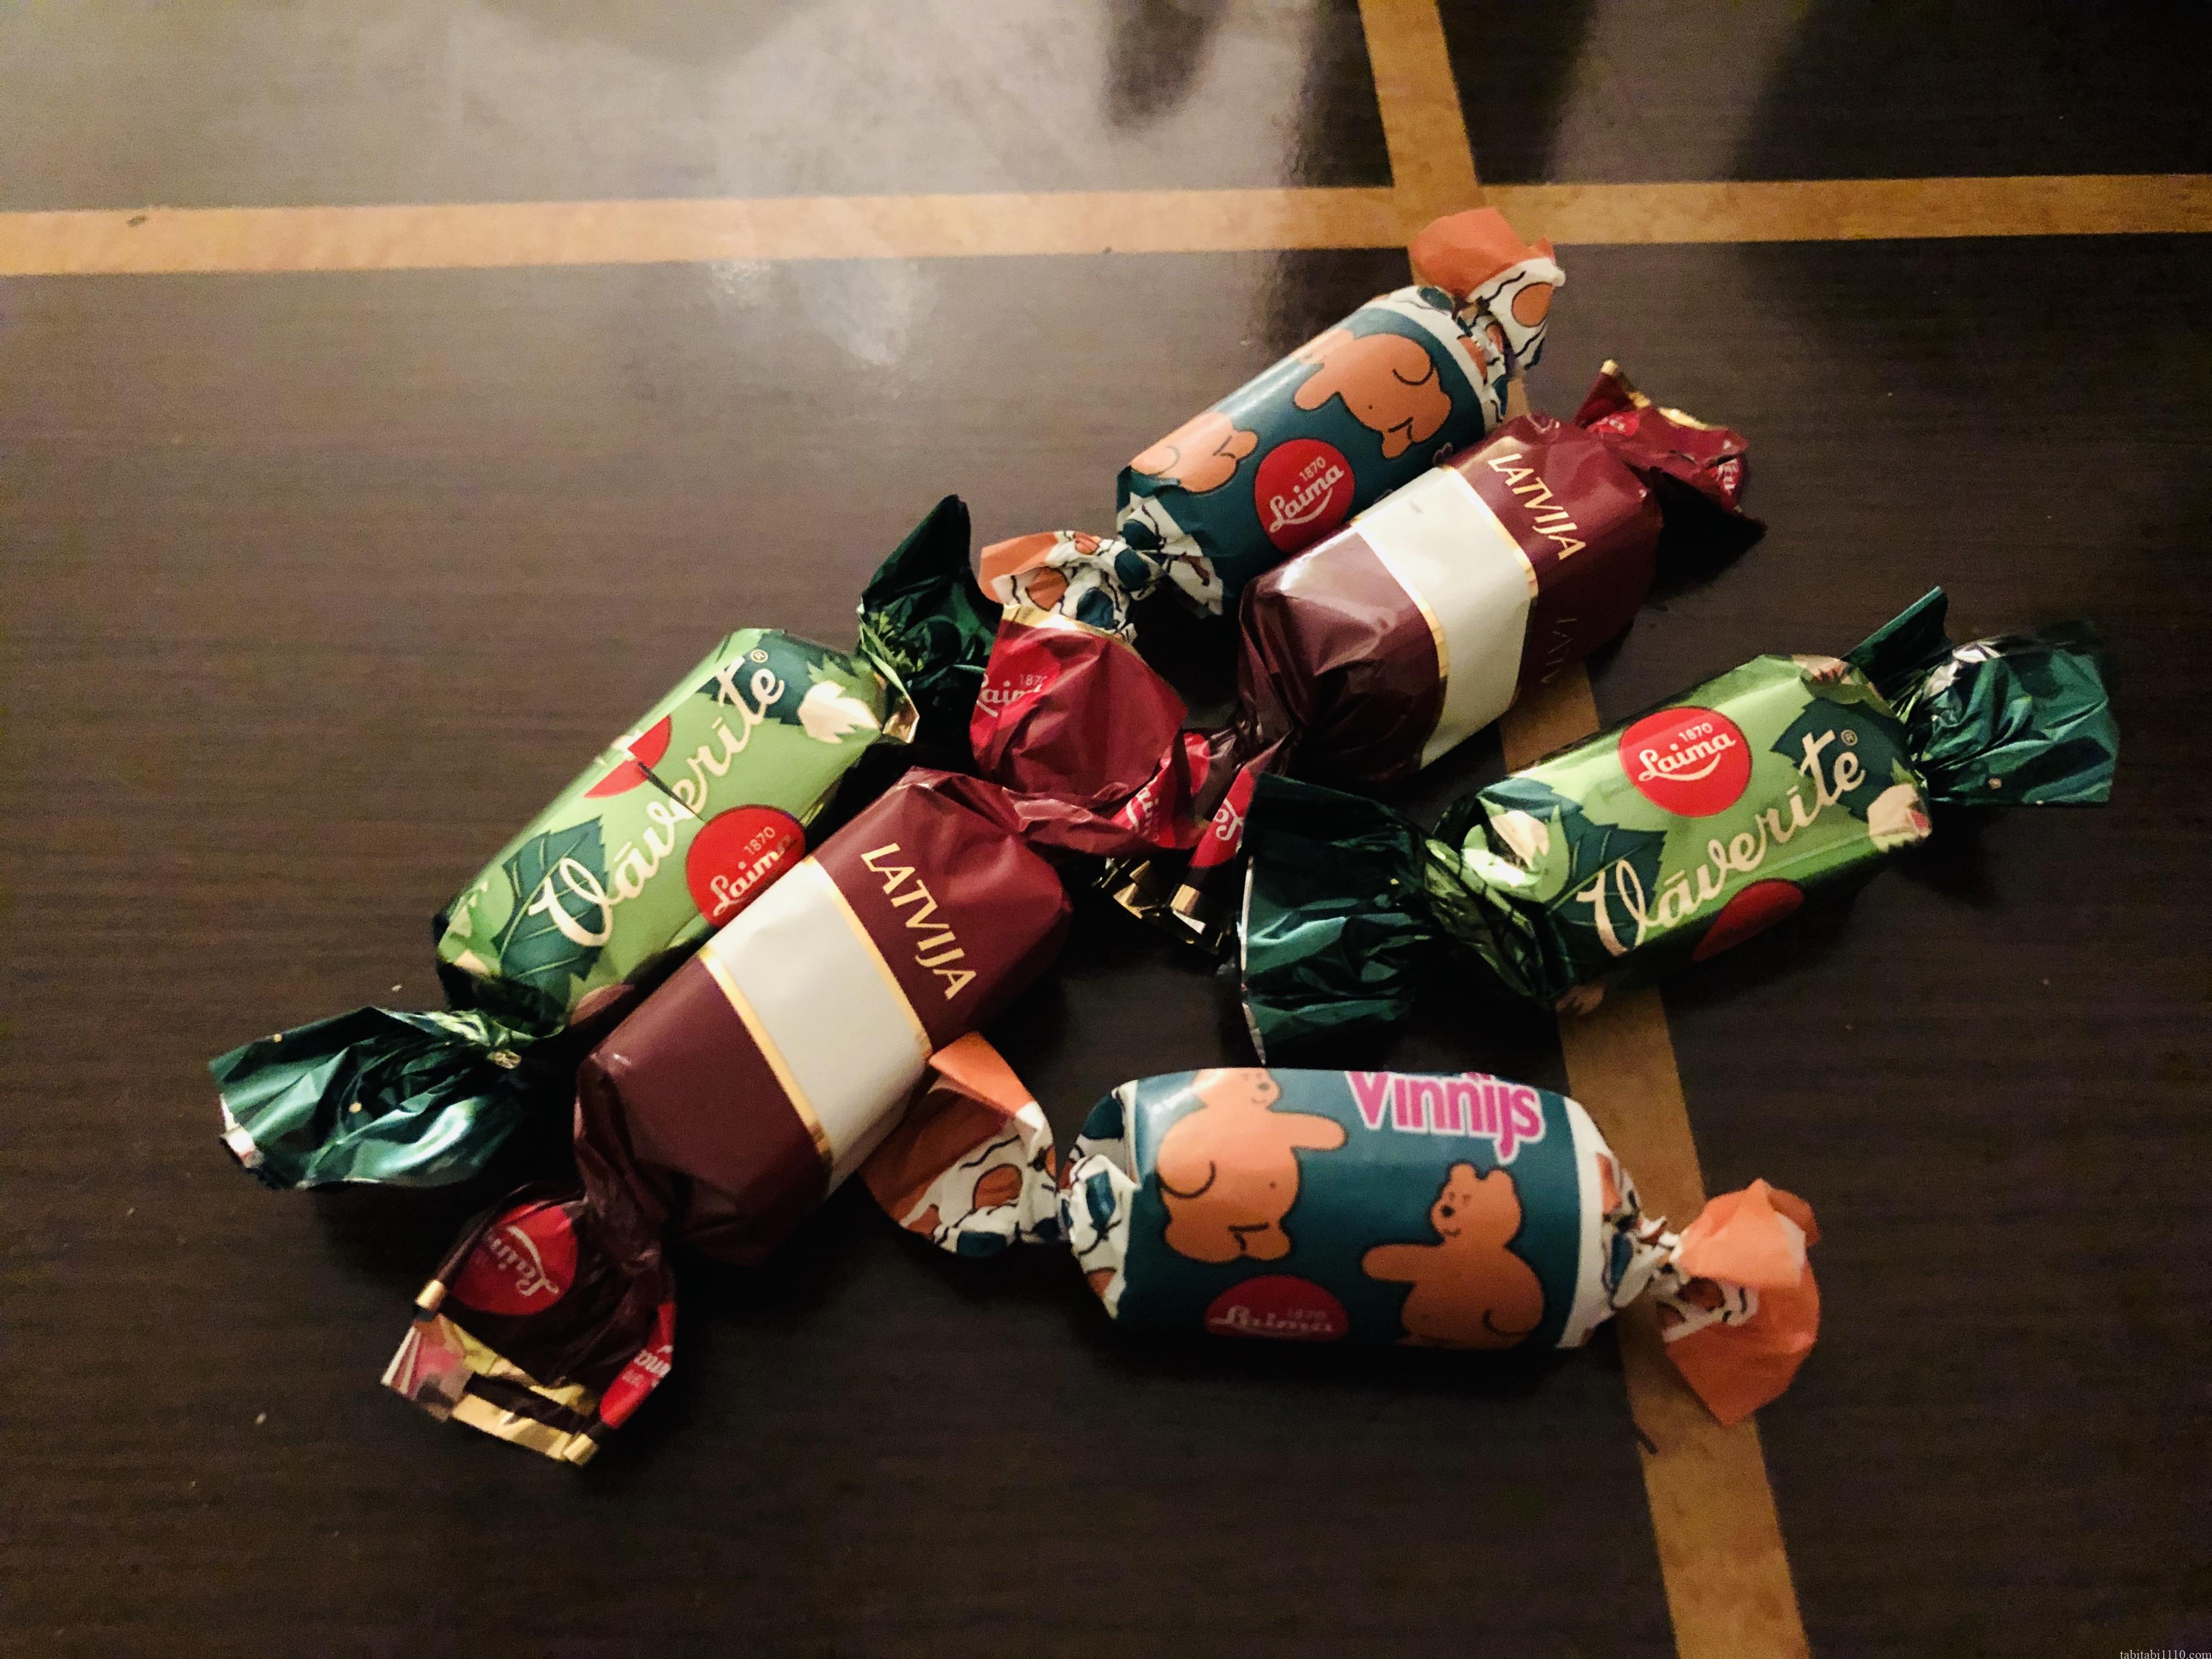 Laimaのチョコレート